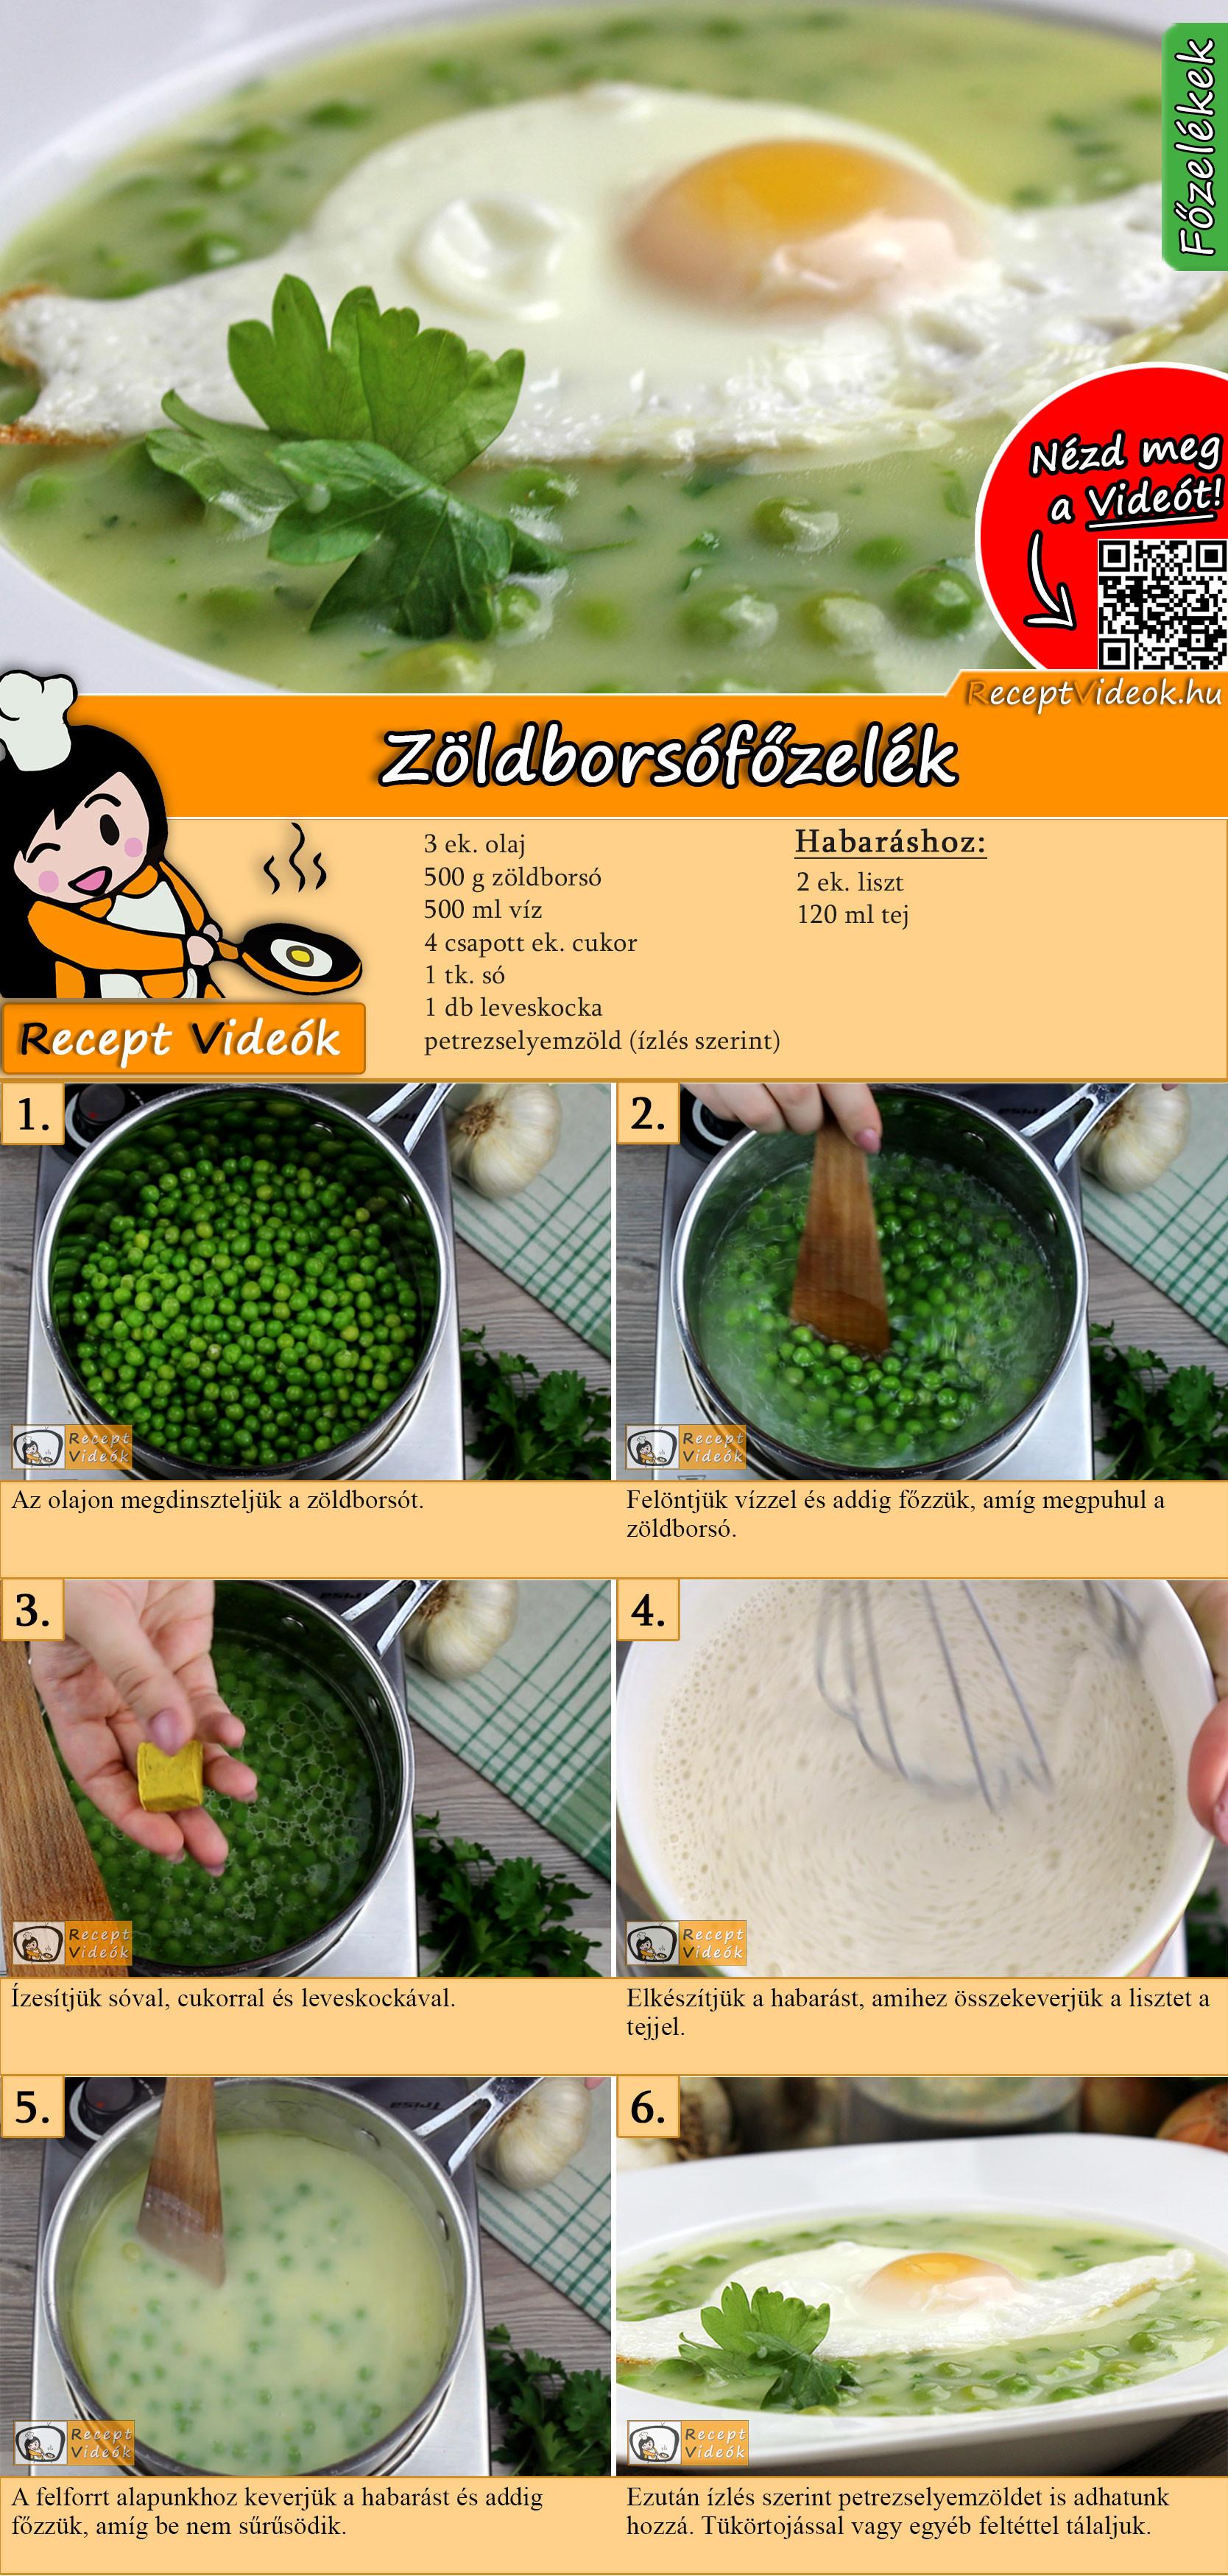 Zöldborsófőzelék recept elkészítése videóval